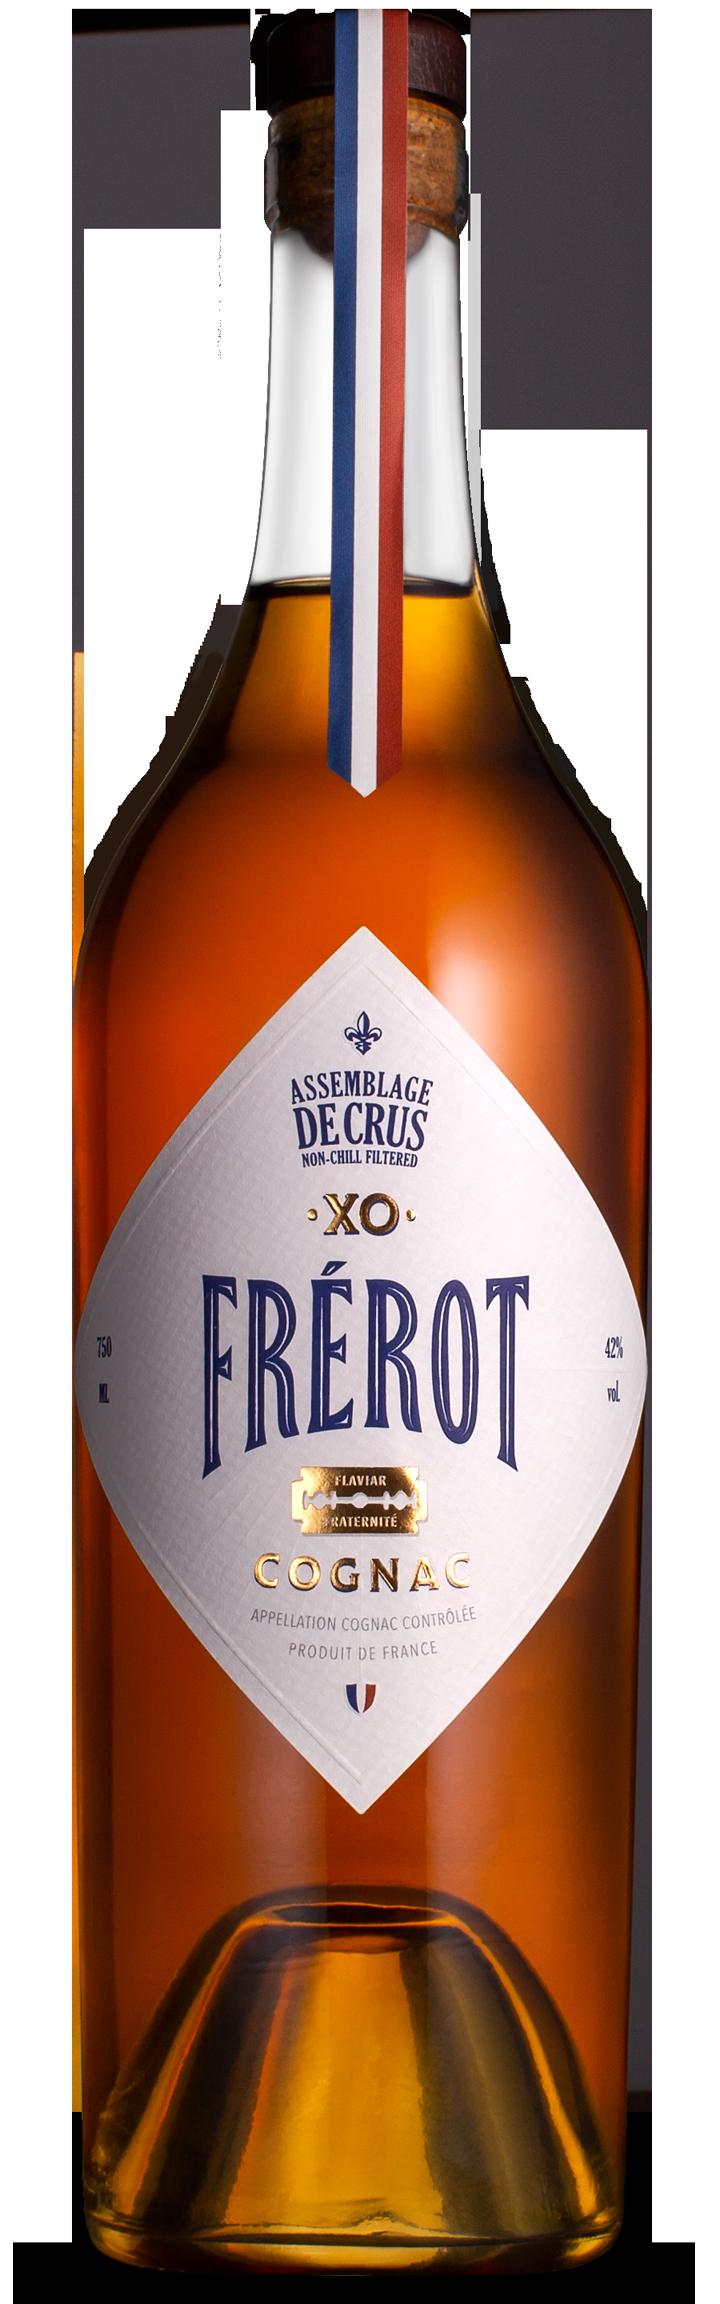 K01-Frerot-bottle